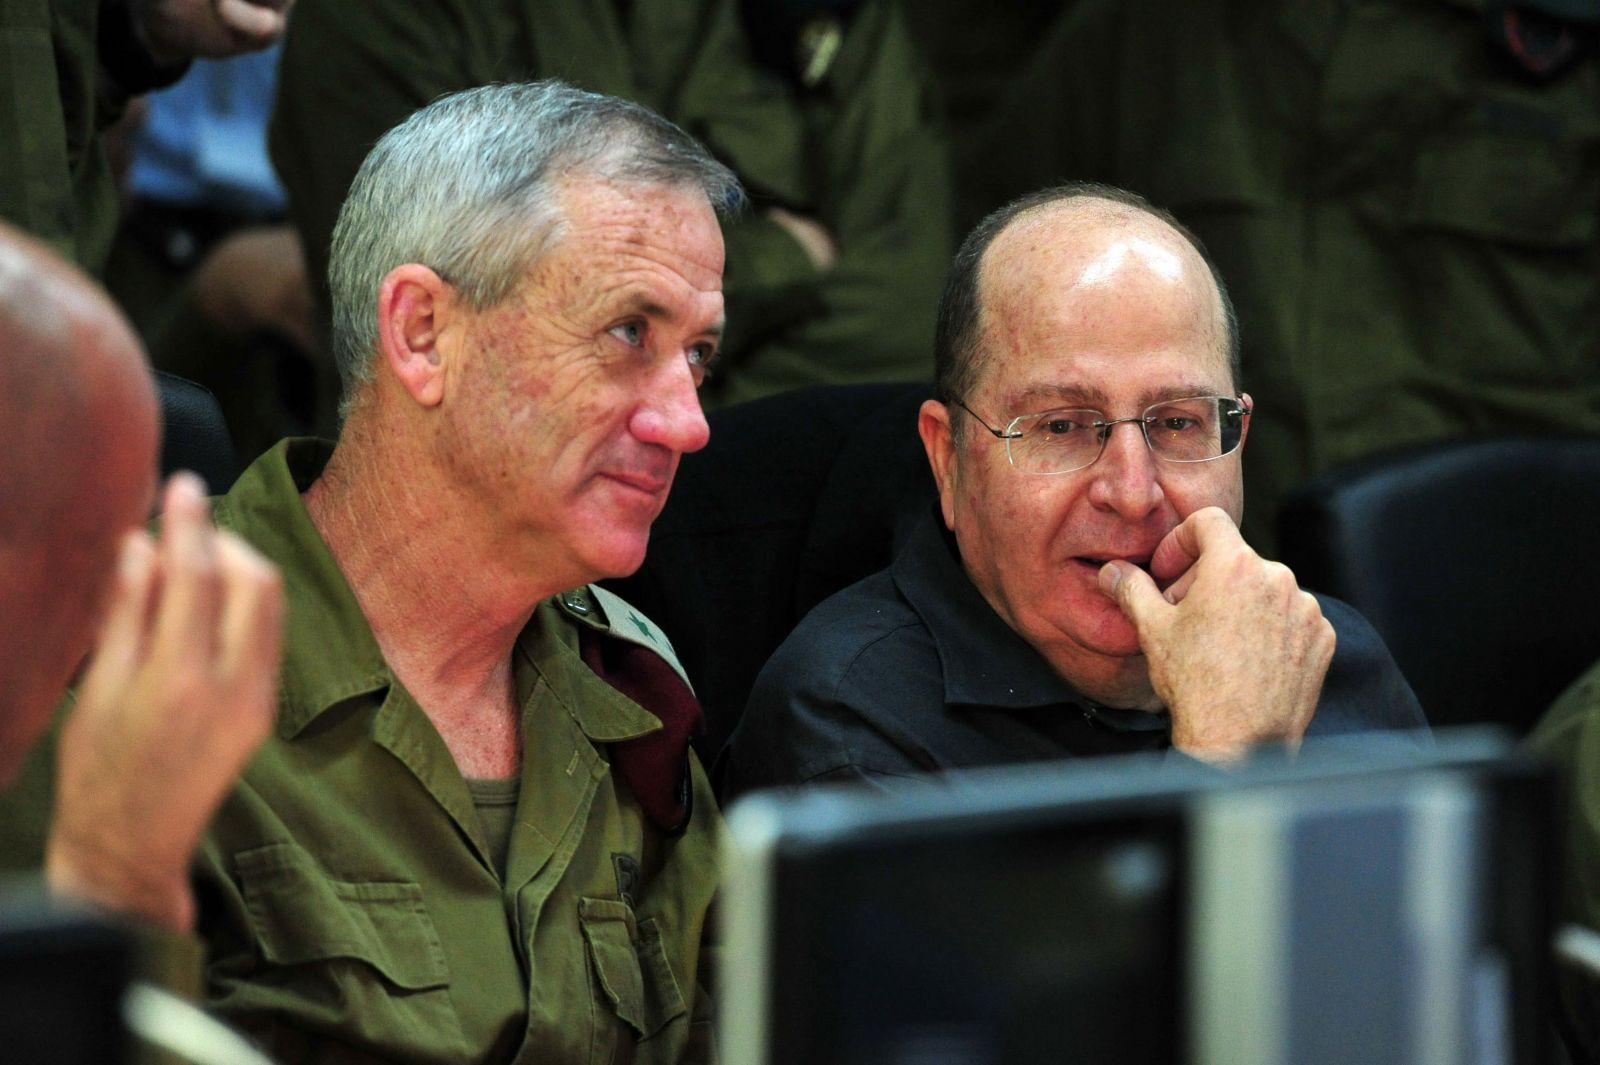 """שר הביטחון משה יעלון והרמטכ""""ל בני גנץ עוקבים אחר ההשתלטות על אוניית הנשק קלוז-סי (צילום: אריאל חרמוני, משרד הביטחון)"""